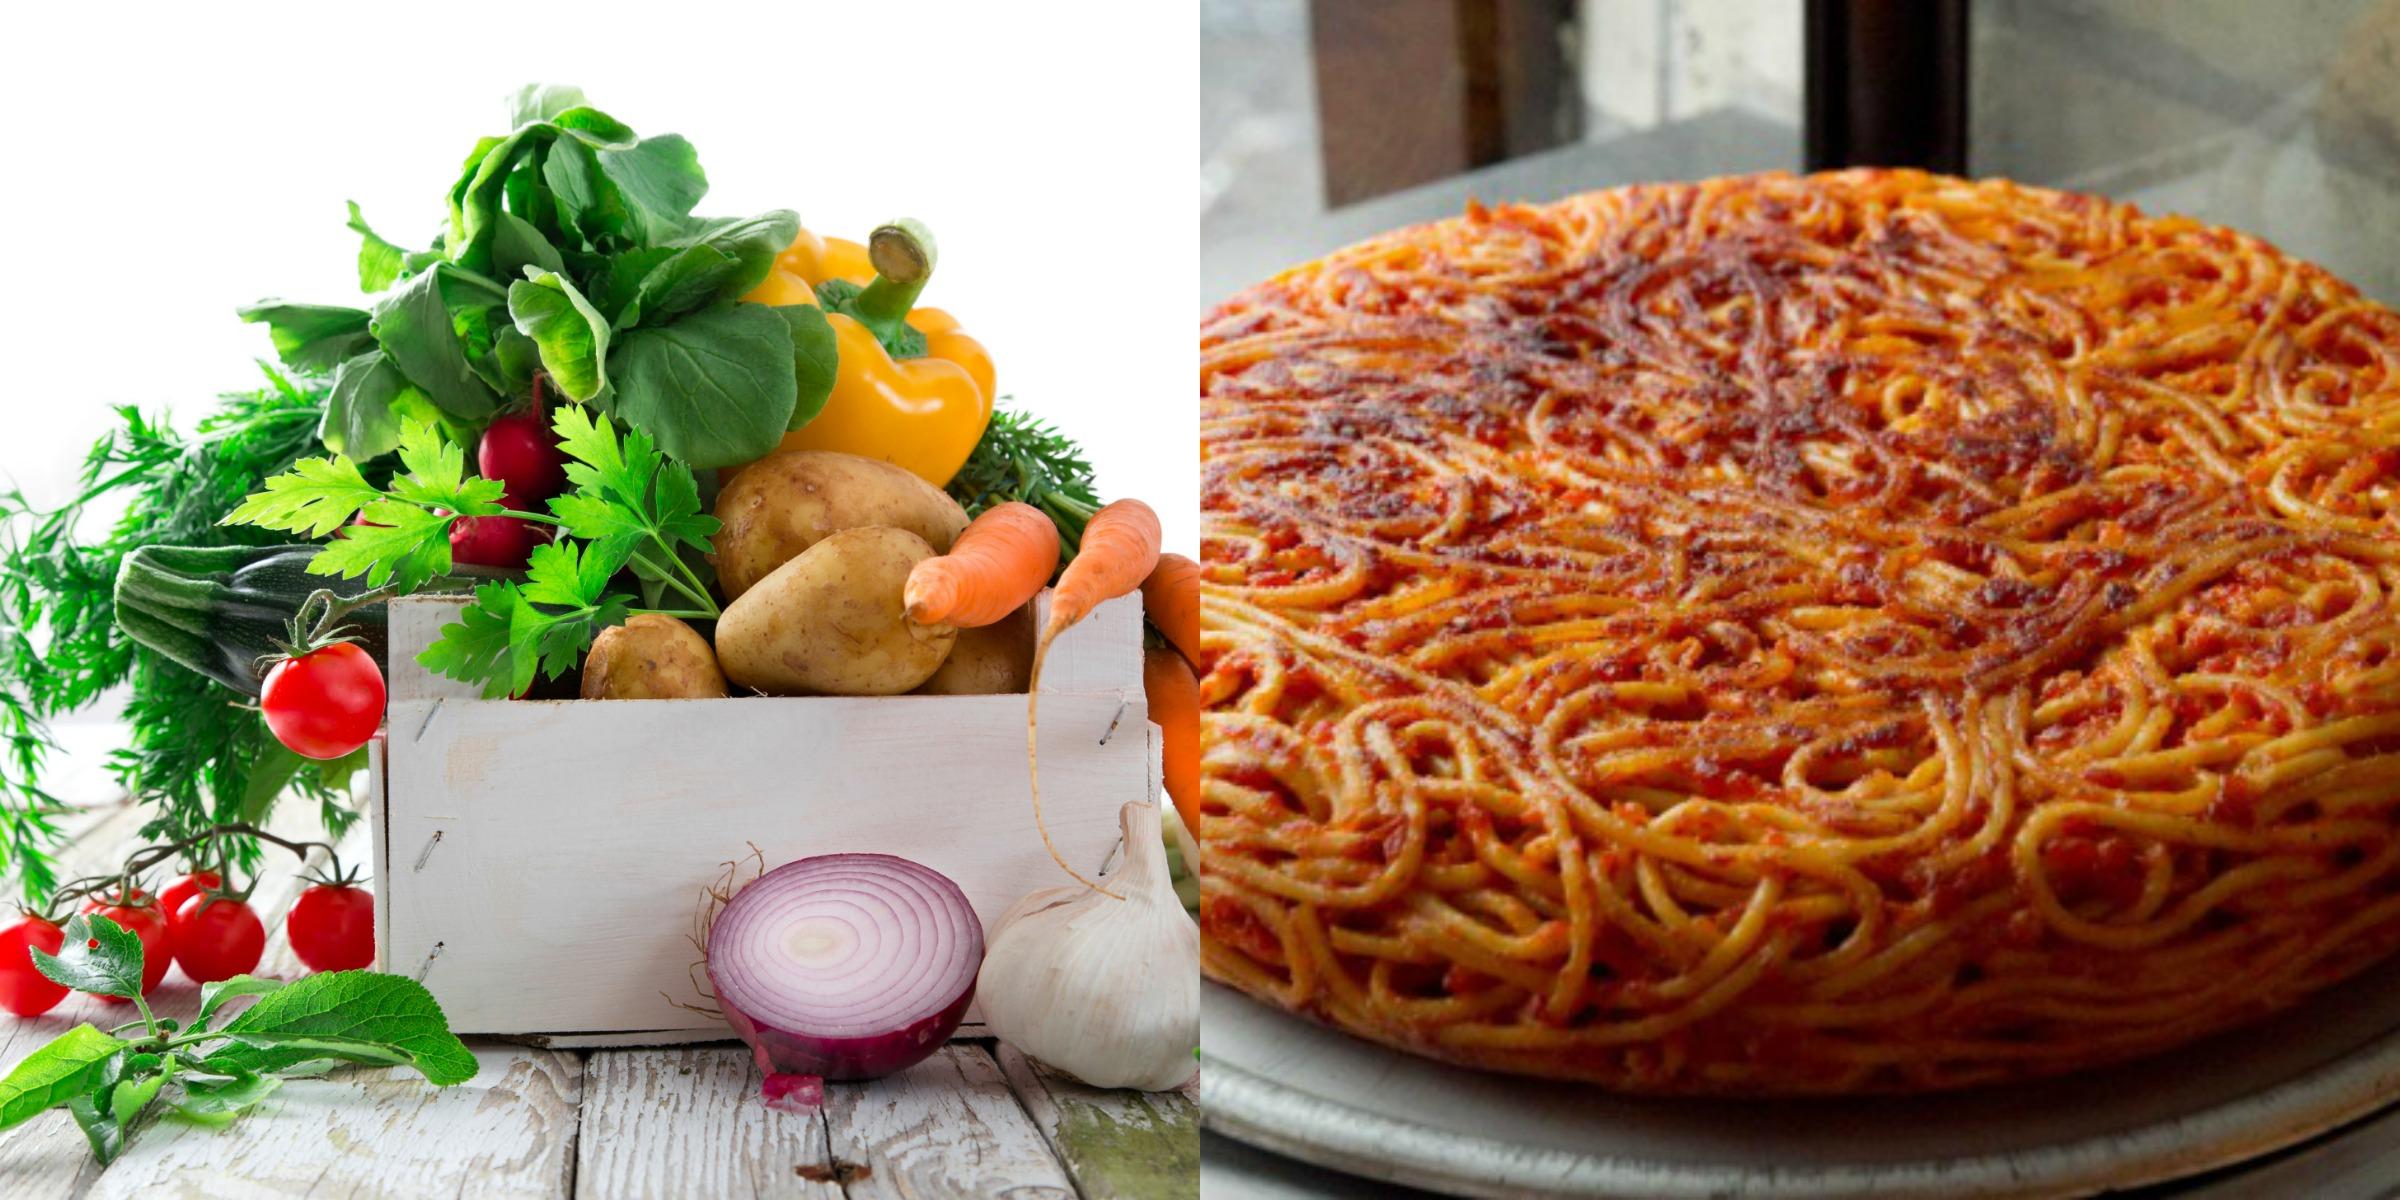 Cibo riciclato ricette gourmet con gli avanzi tablettv for Ricette cibo